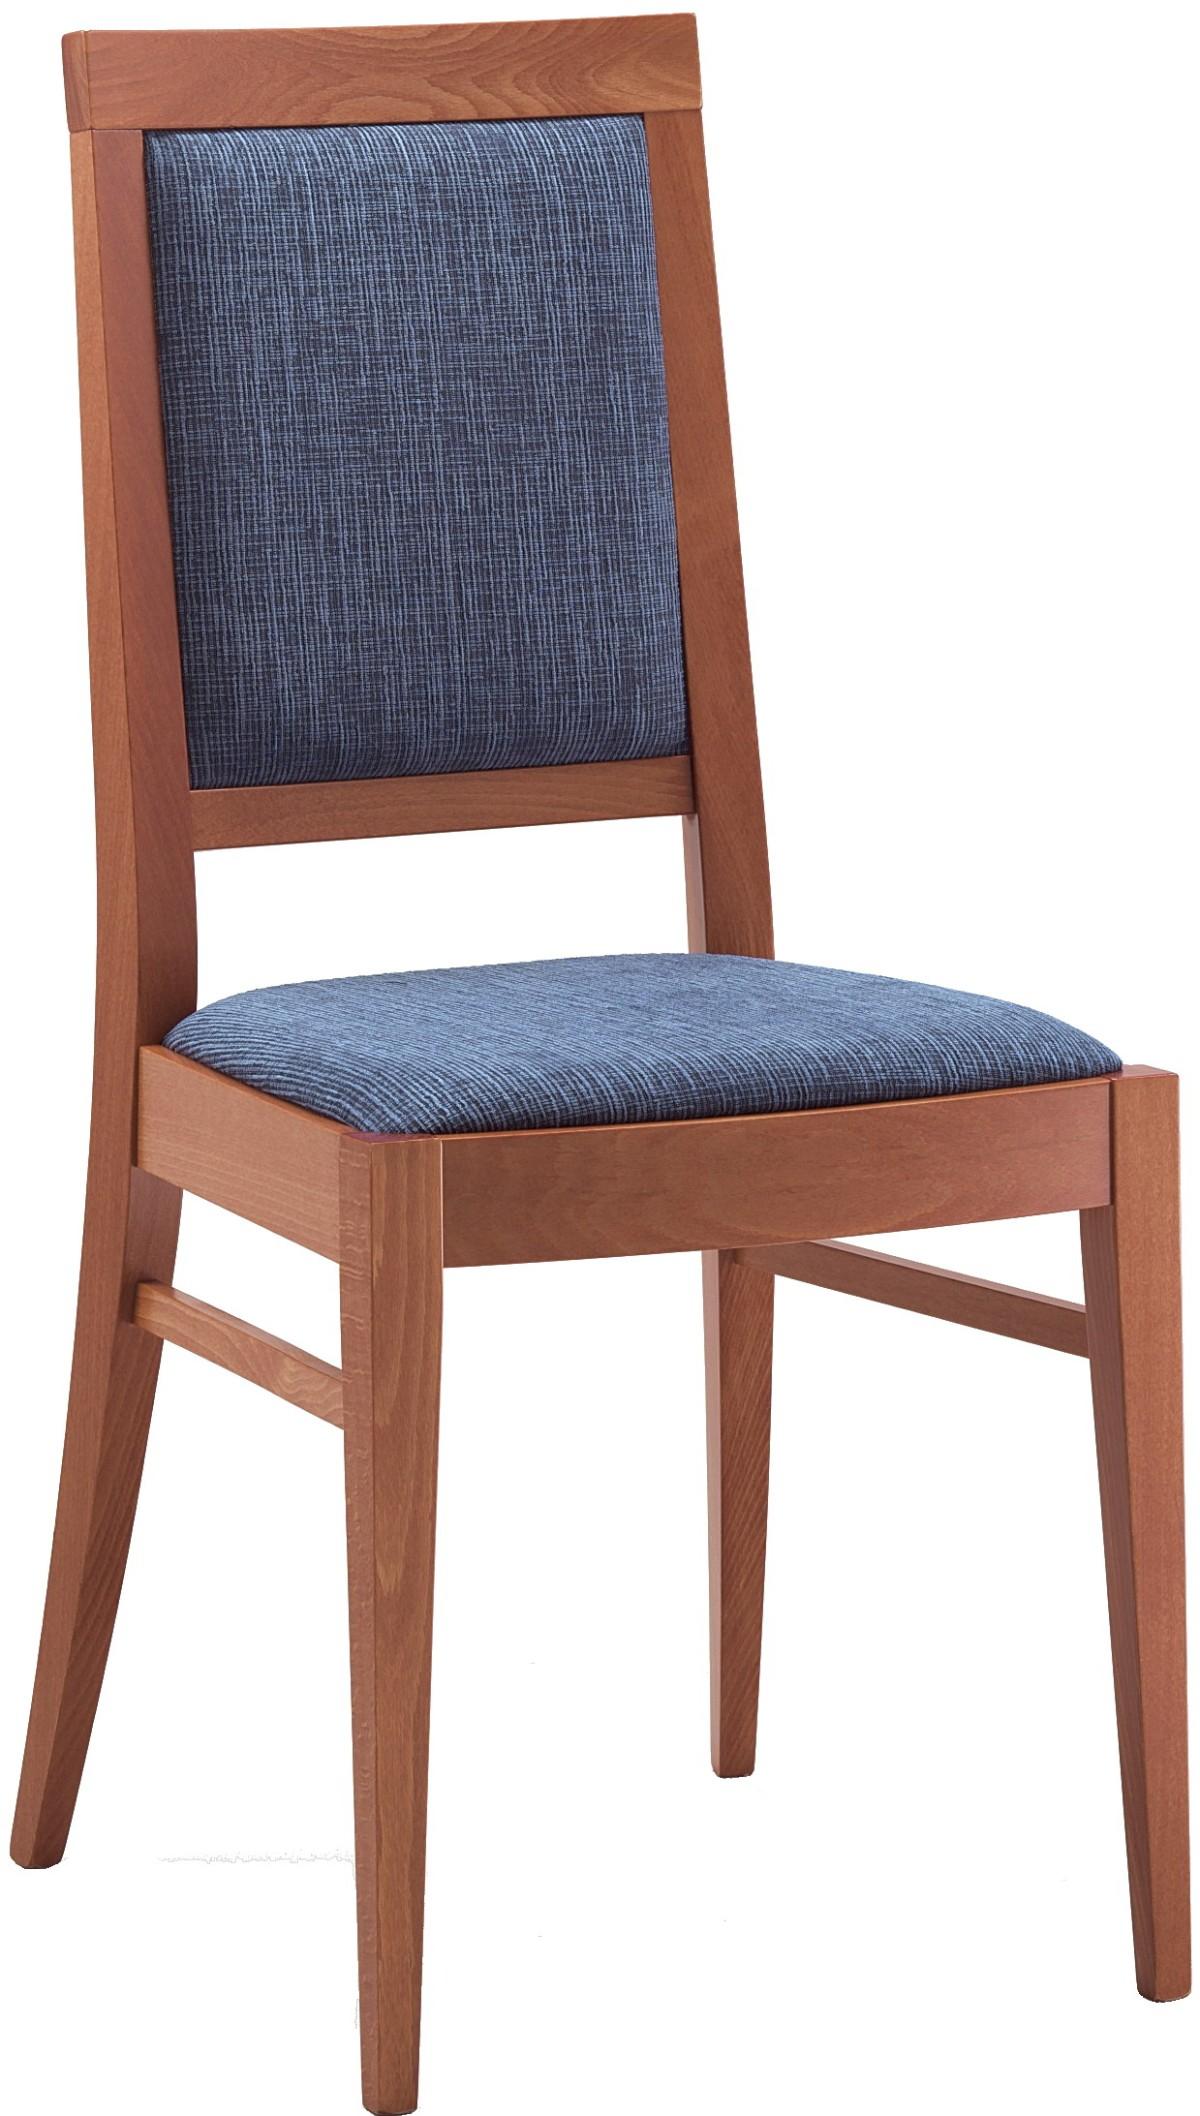 kárpitozott székek háttámlás